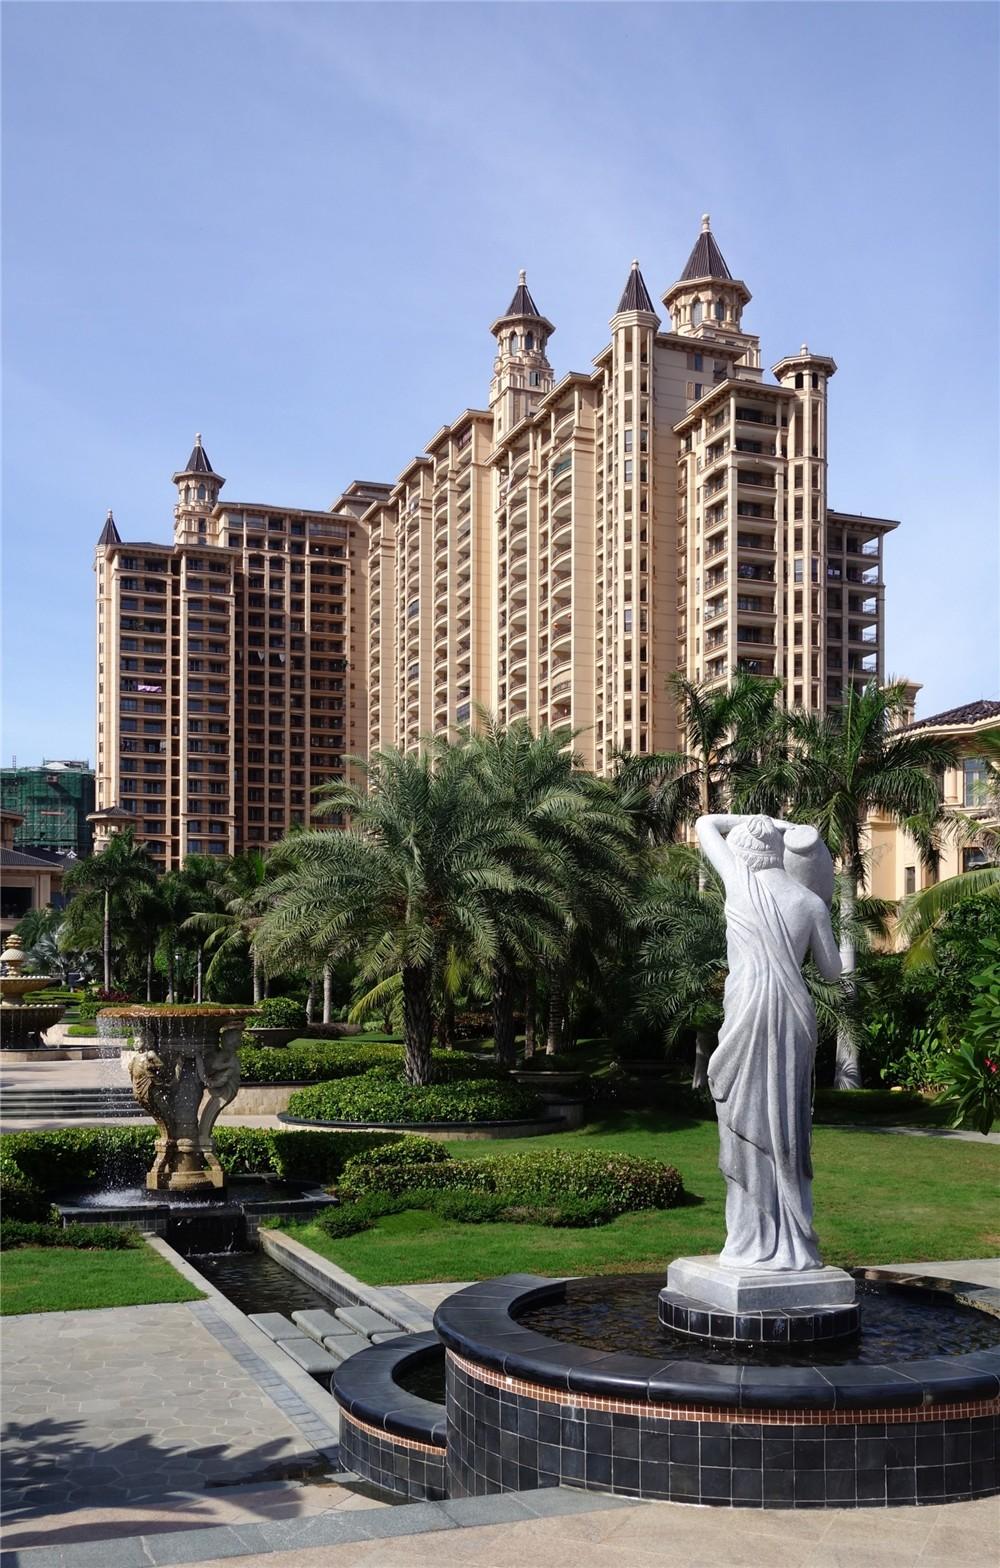 碧桂园·珊瑚宫殿一期位于海南陵水清水湾赤岭风景区内,依山面海,藏